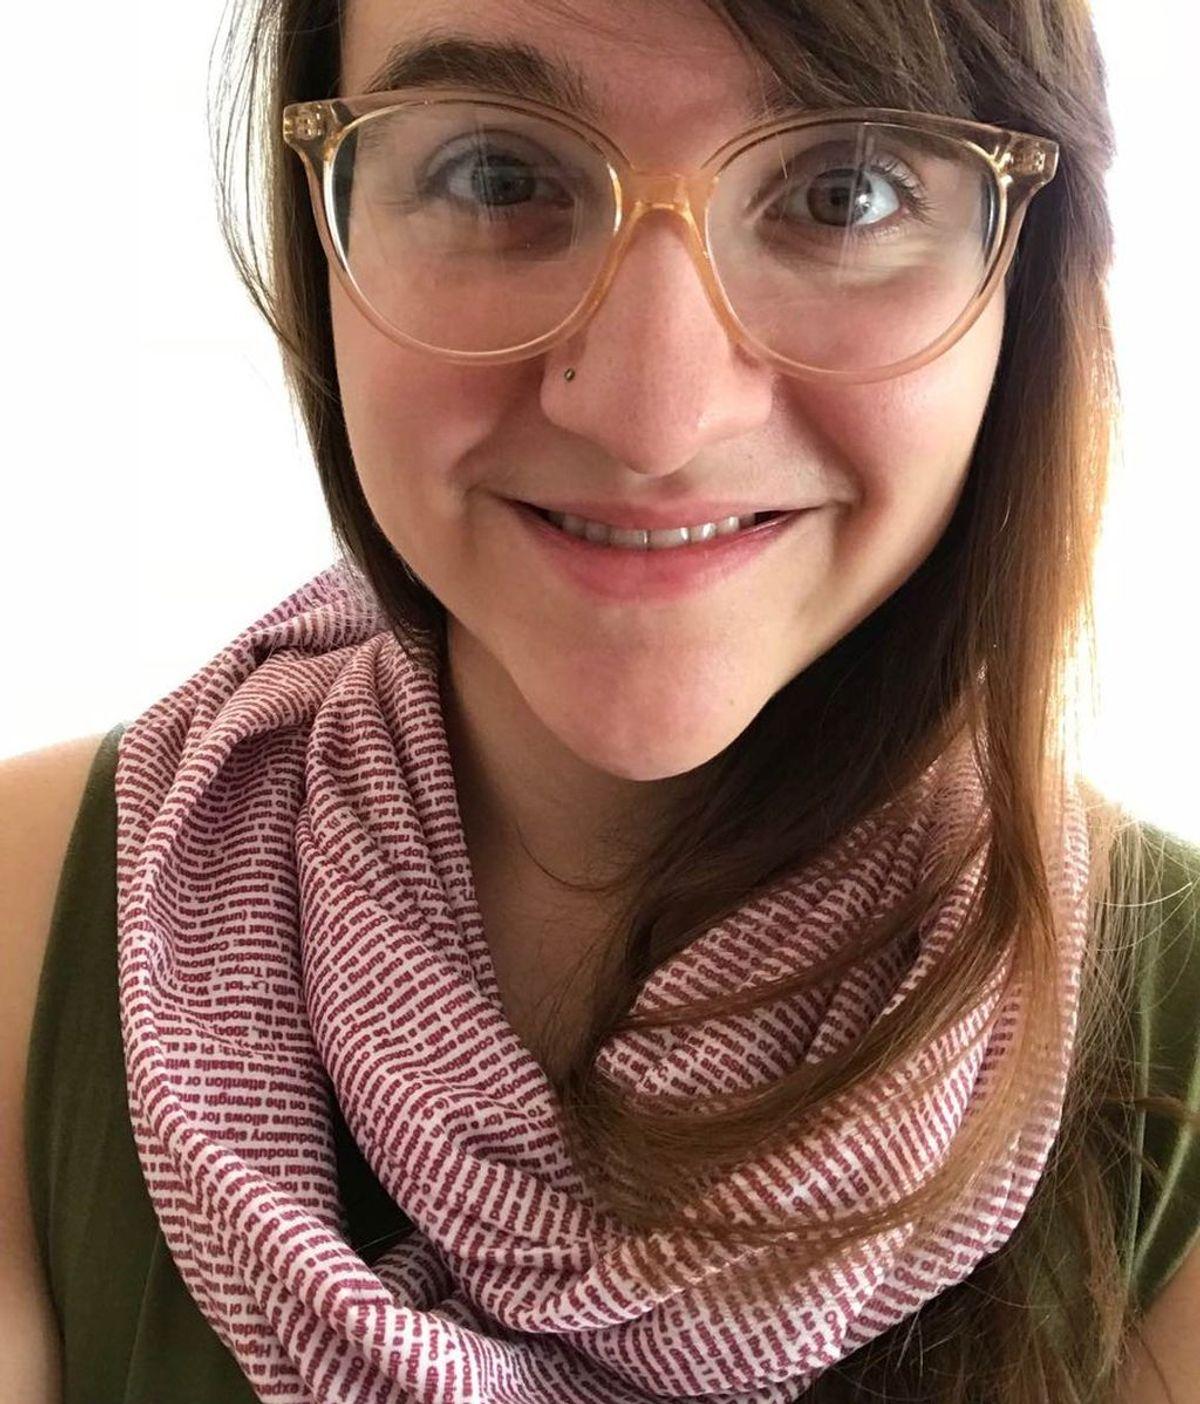 Una joven luce orgullosa su tesis…¡impresa en una bufanda!